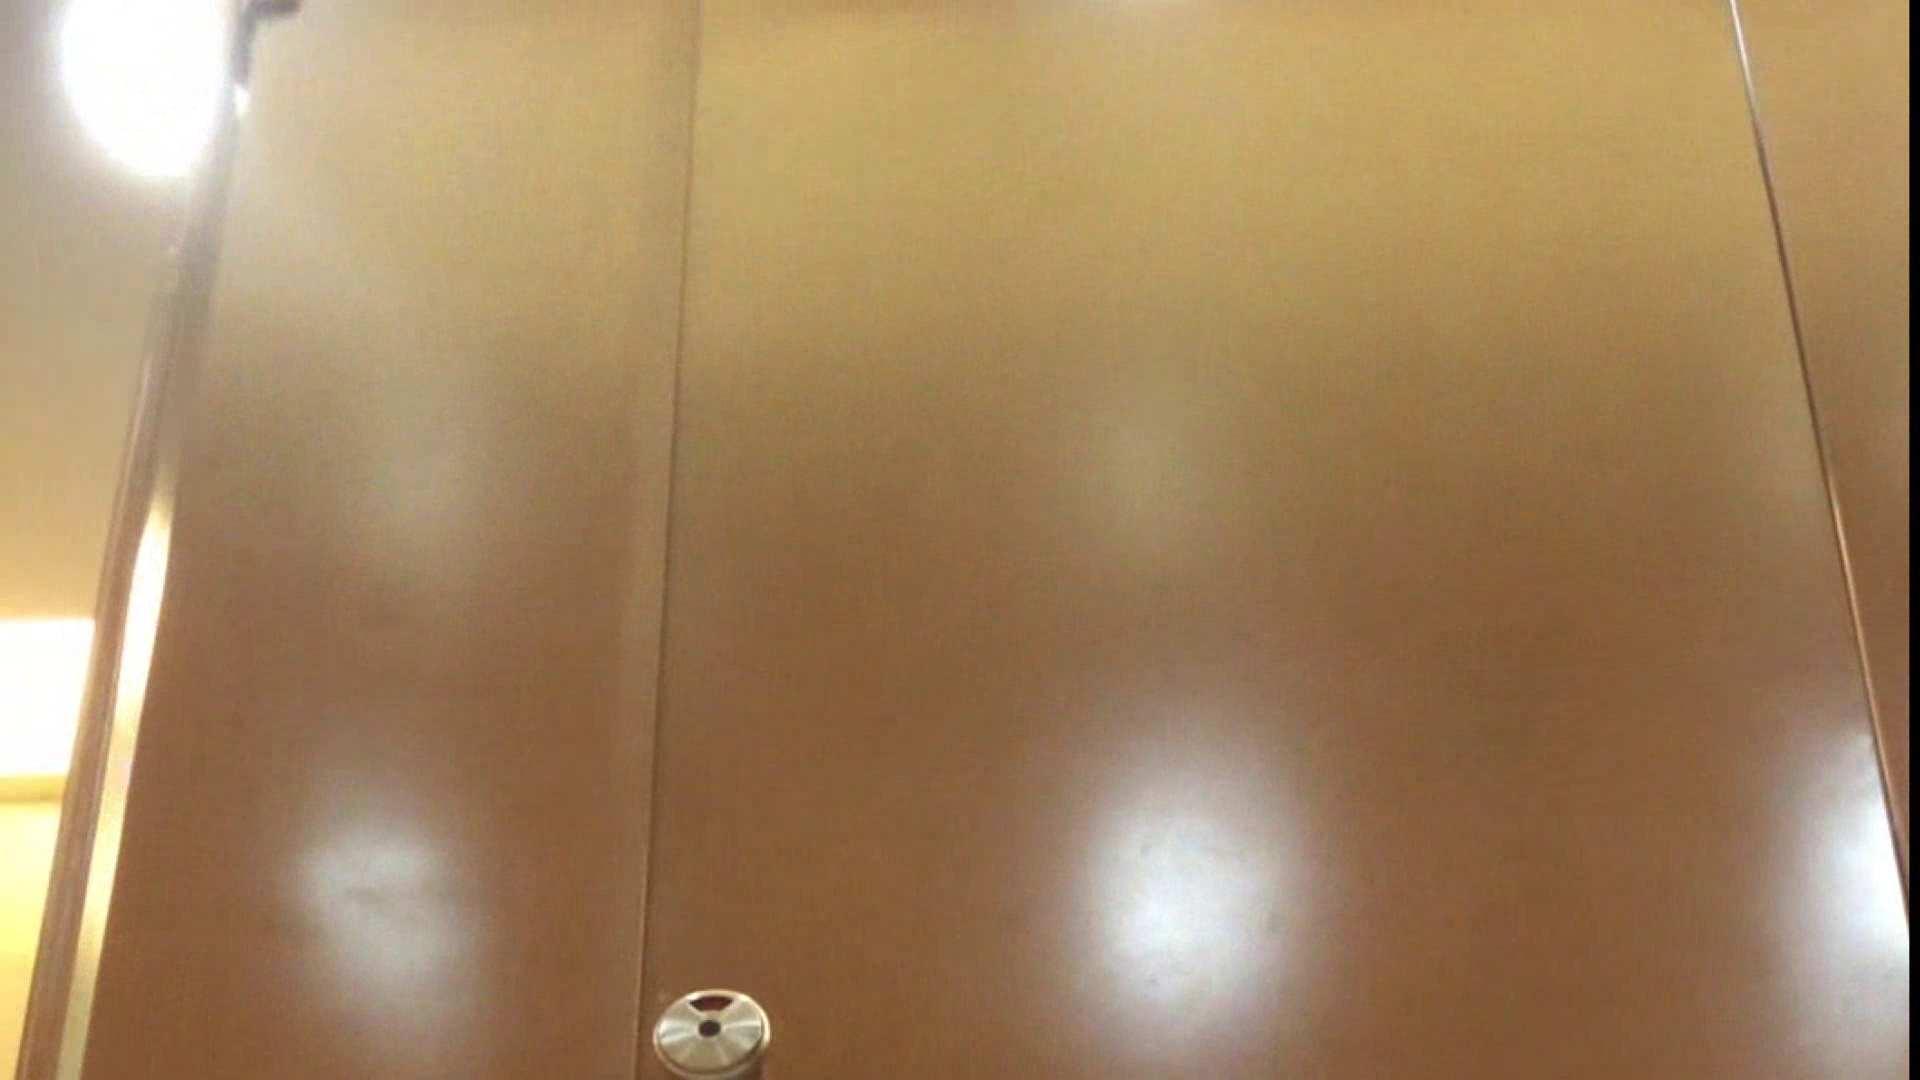 「噂」の国の厠観察日記2 Vol.01 OLセックス 盗み撮り動画キャプチャ 51画像 5